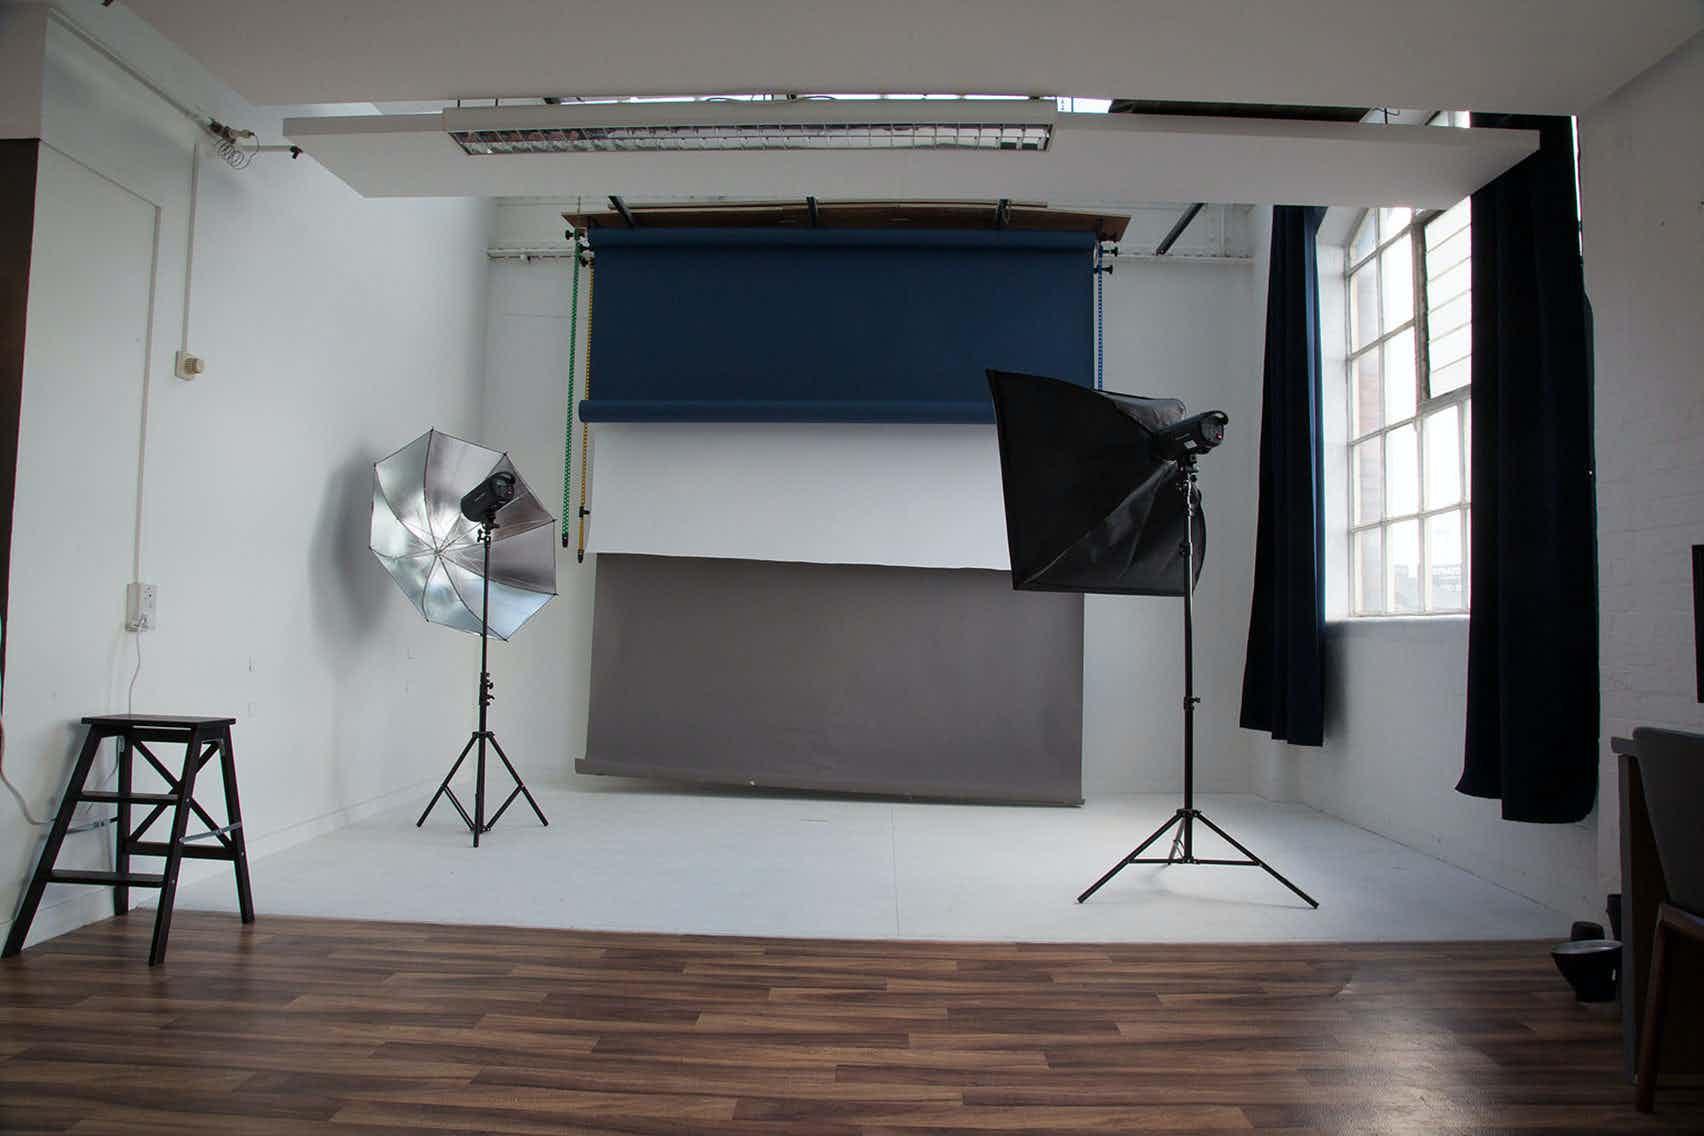 Studio, Moonshine studio